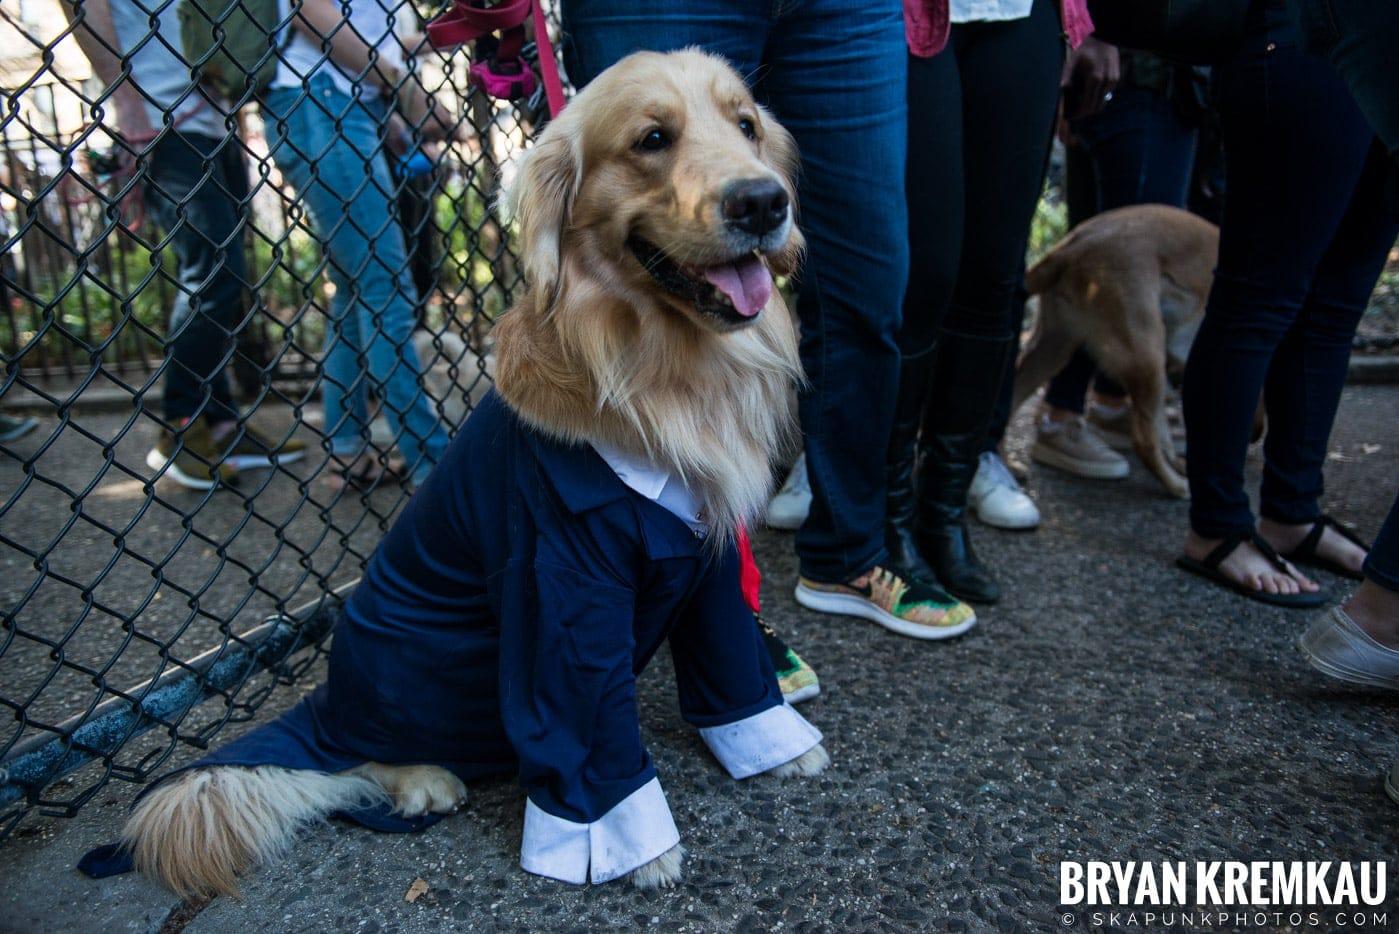 Tompkins Square Park Halloween Dog Parade 2017 @ Tompkins Square Park, NYC - 10.21.17 (4)